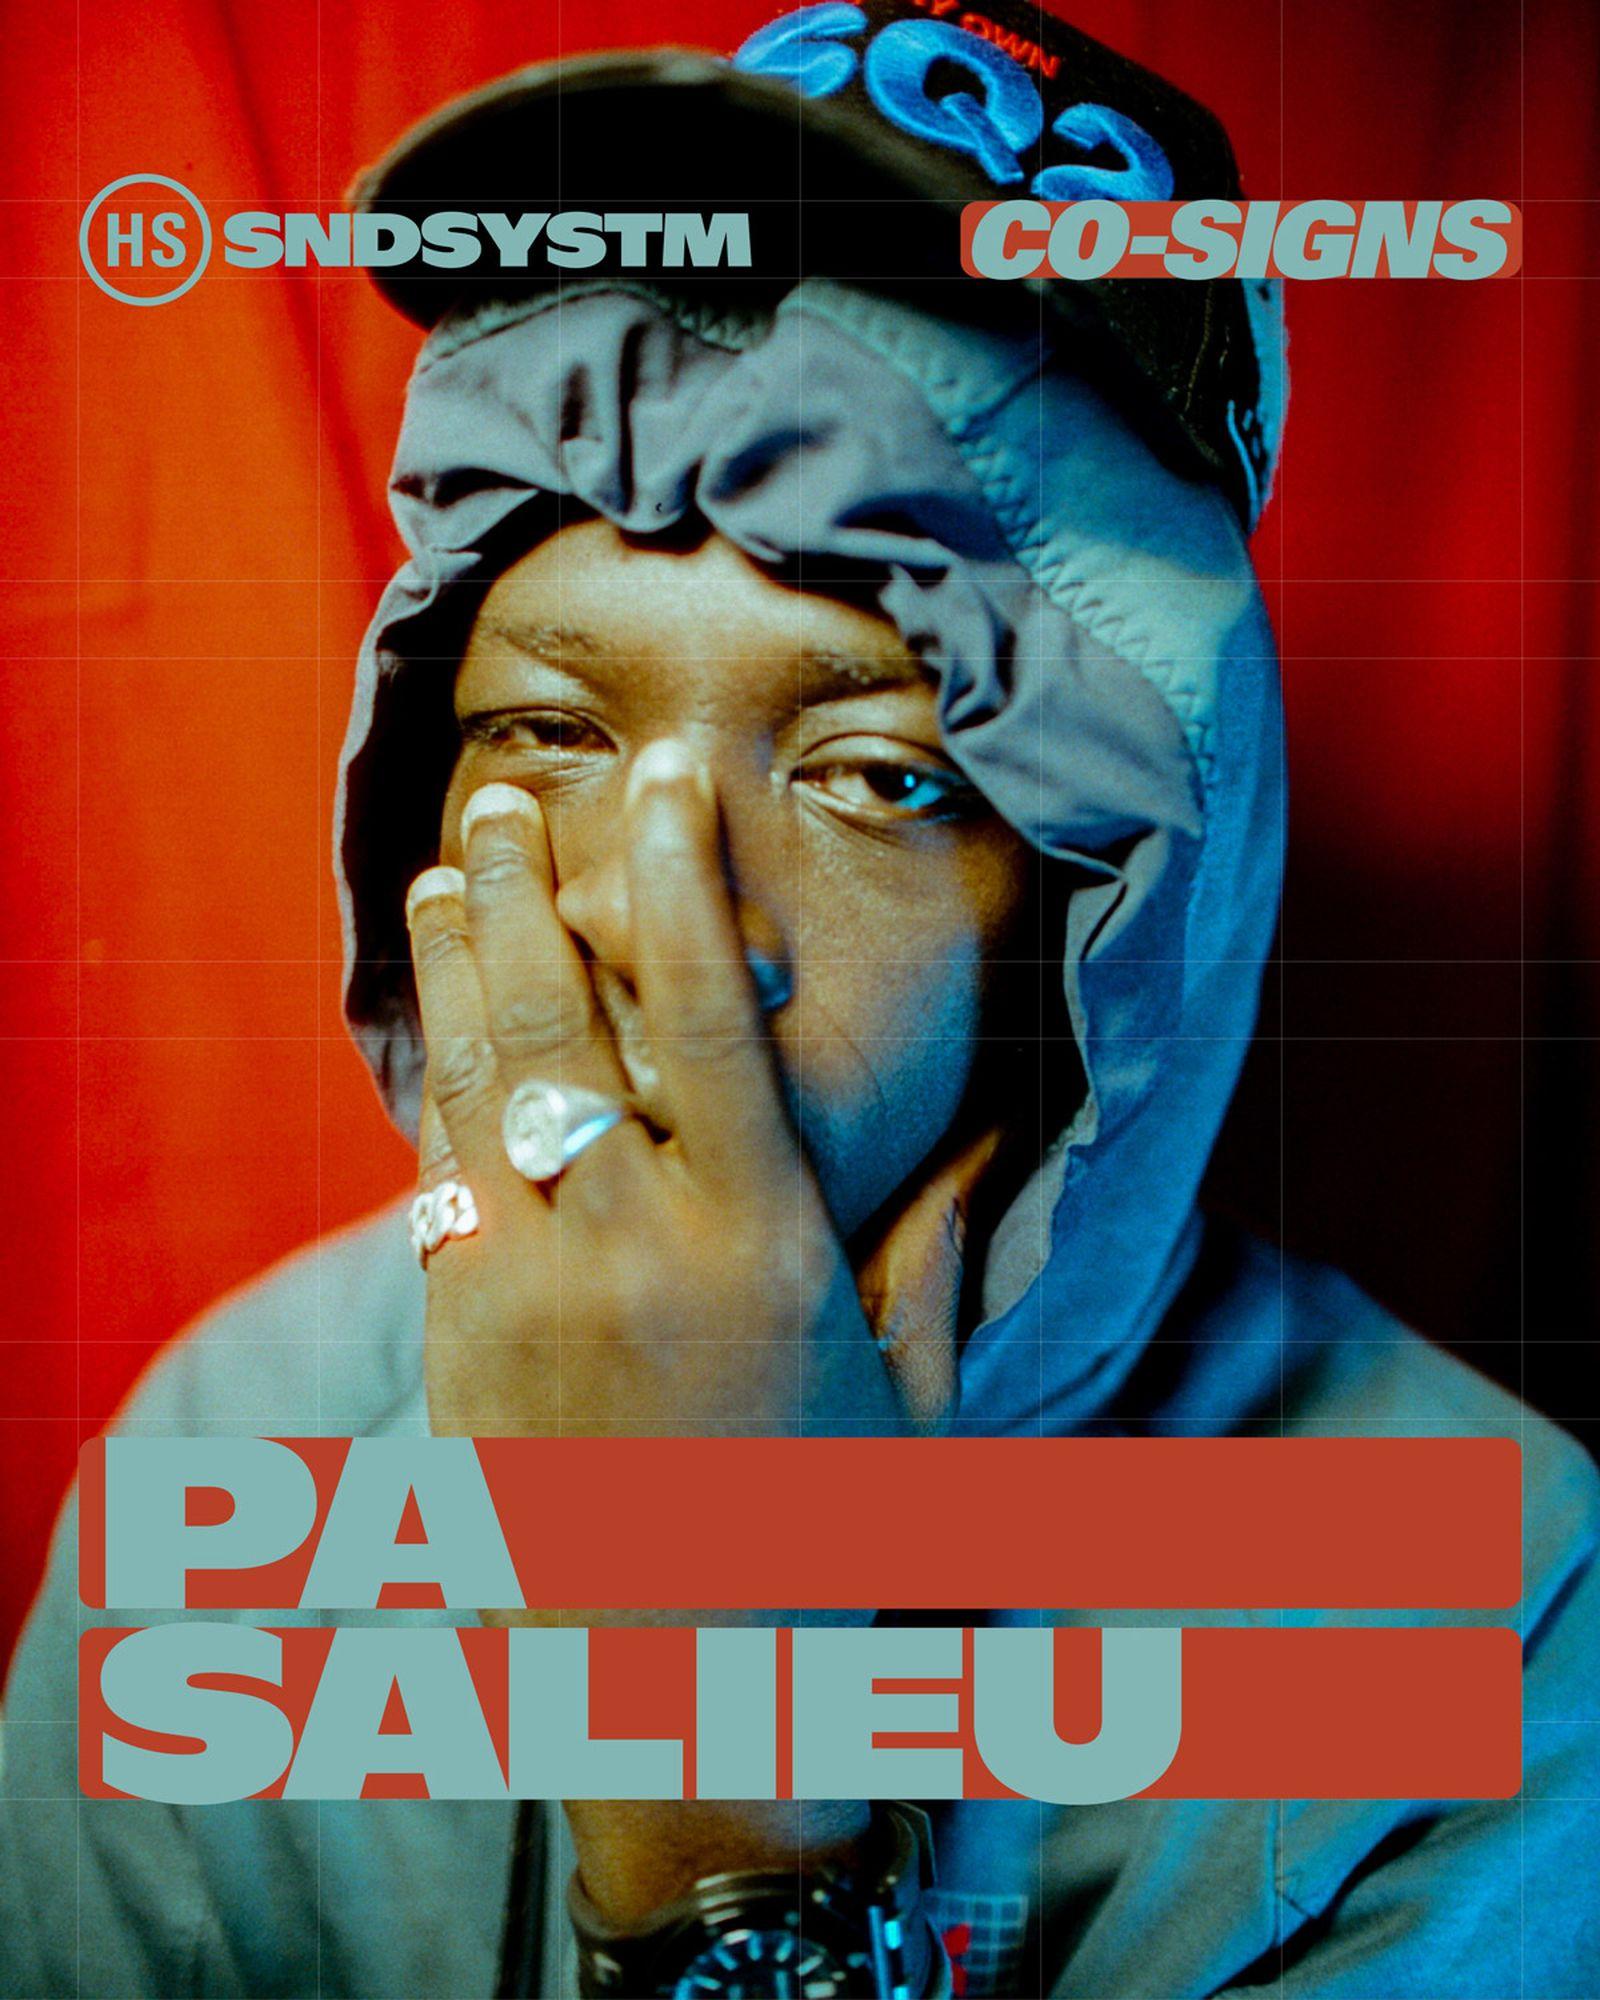 highsnobiety-soundsystem-co-signs-pa-salieu-main